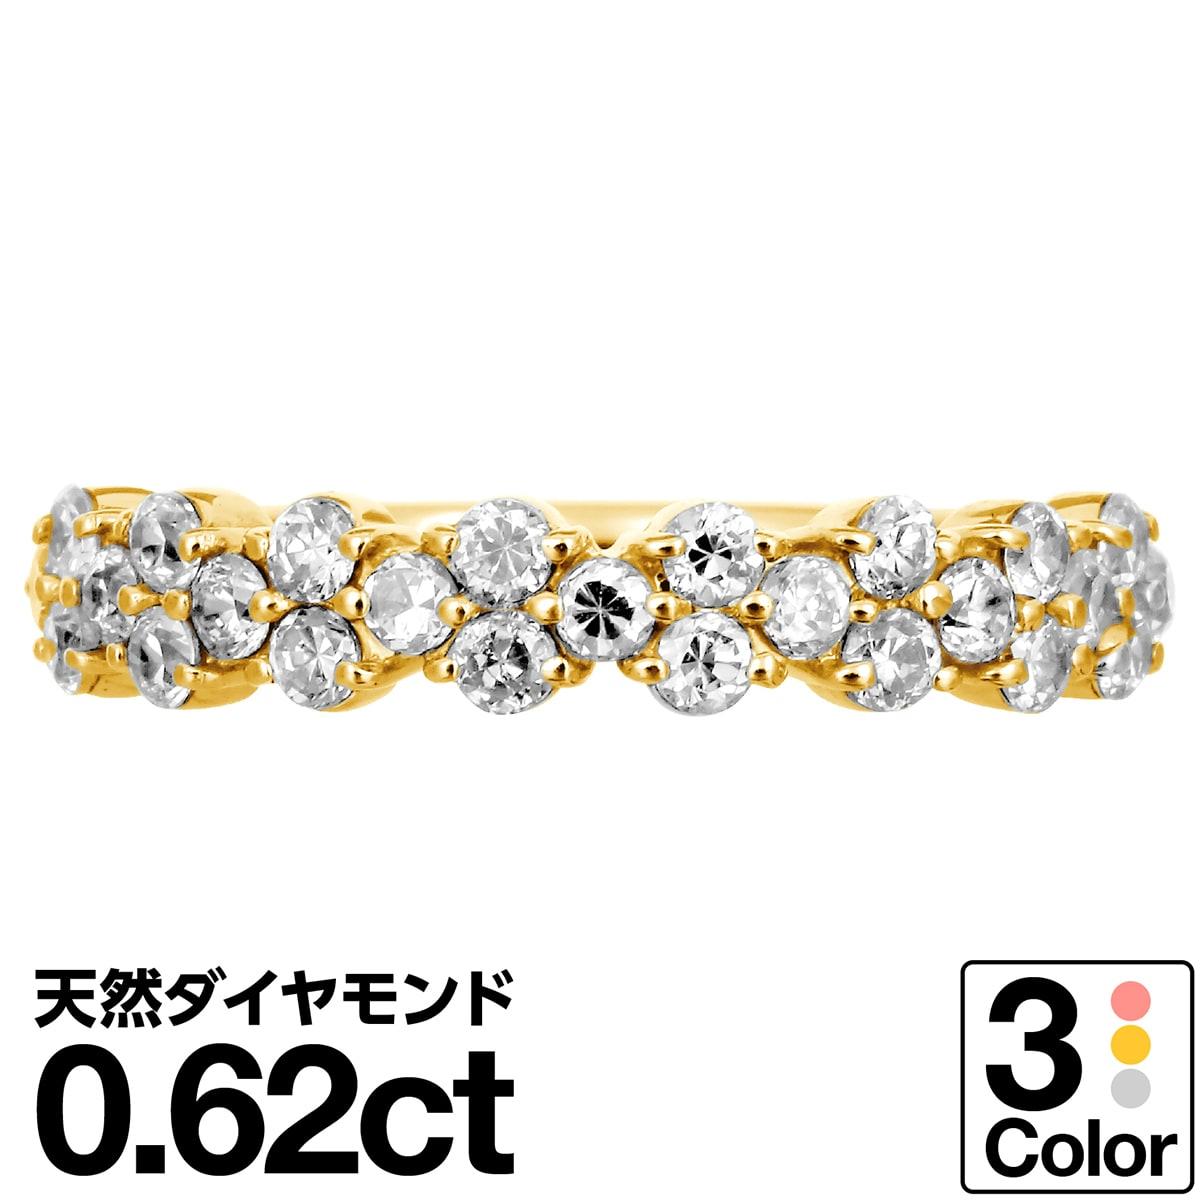 パヴェ ダイヤモンド リング k18 イエローゴールド/ホワイトゴールド/ピンクゴールド ファッションリング 品質保証書 金属アレルギー 日本製 成人祝い